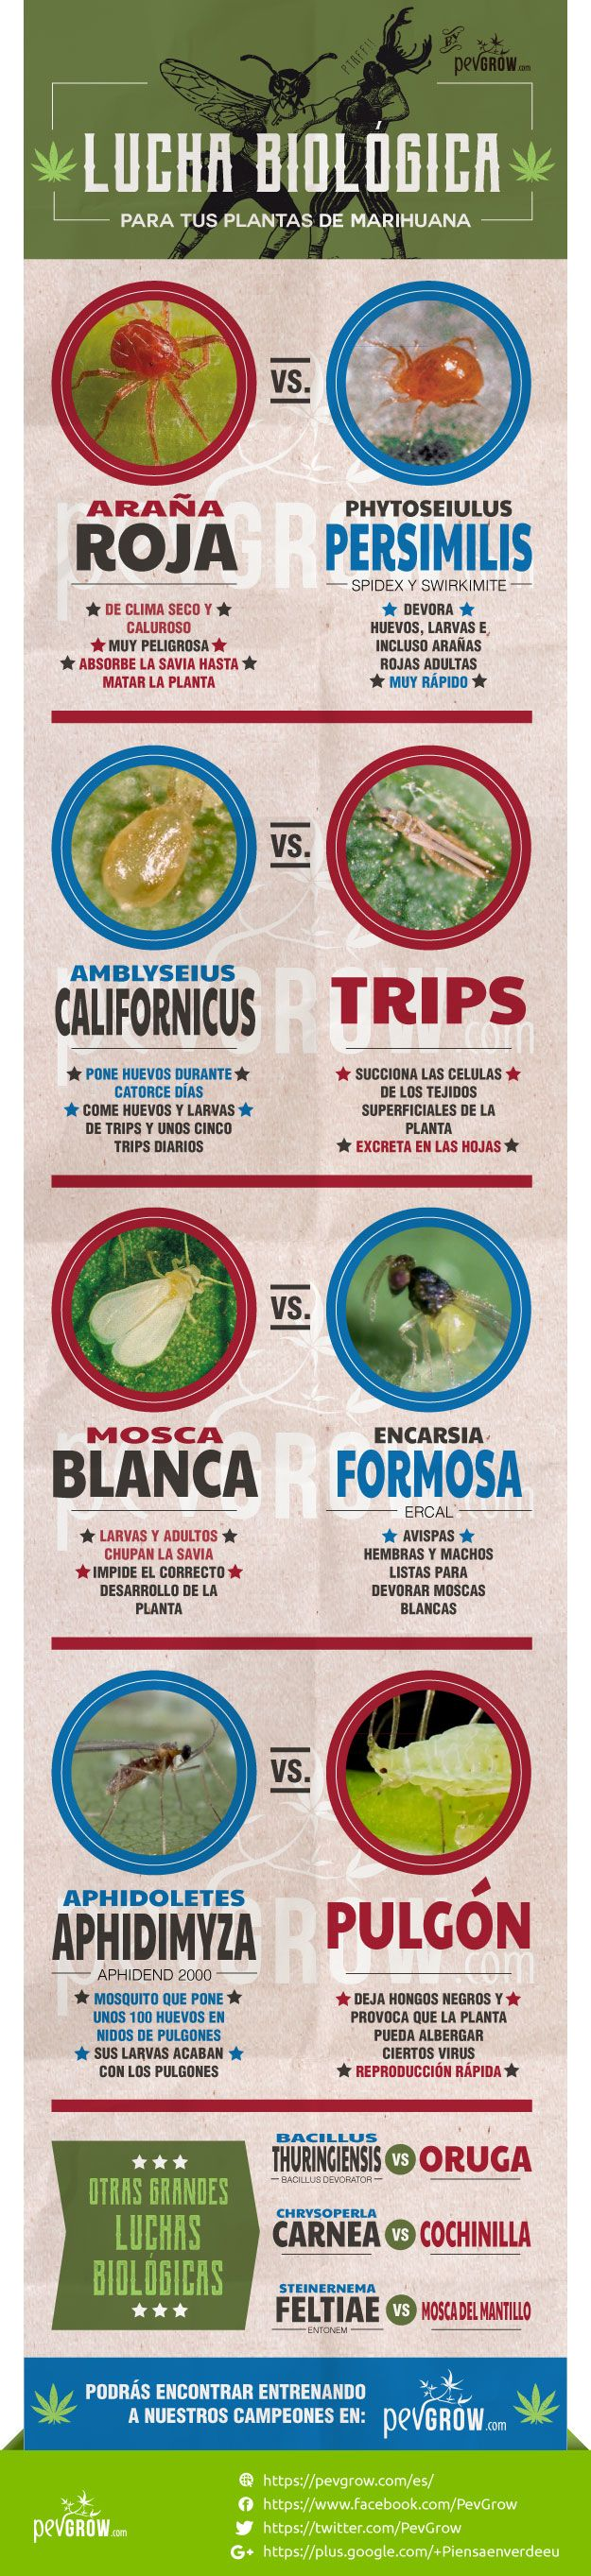 Infografia sobre las técnicas de lucha biológica